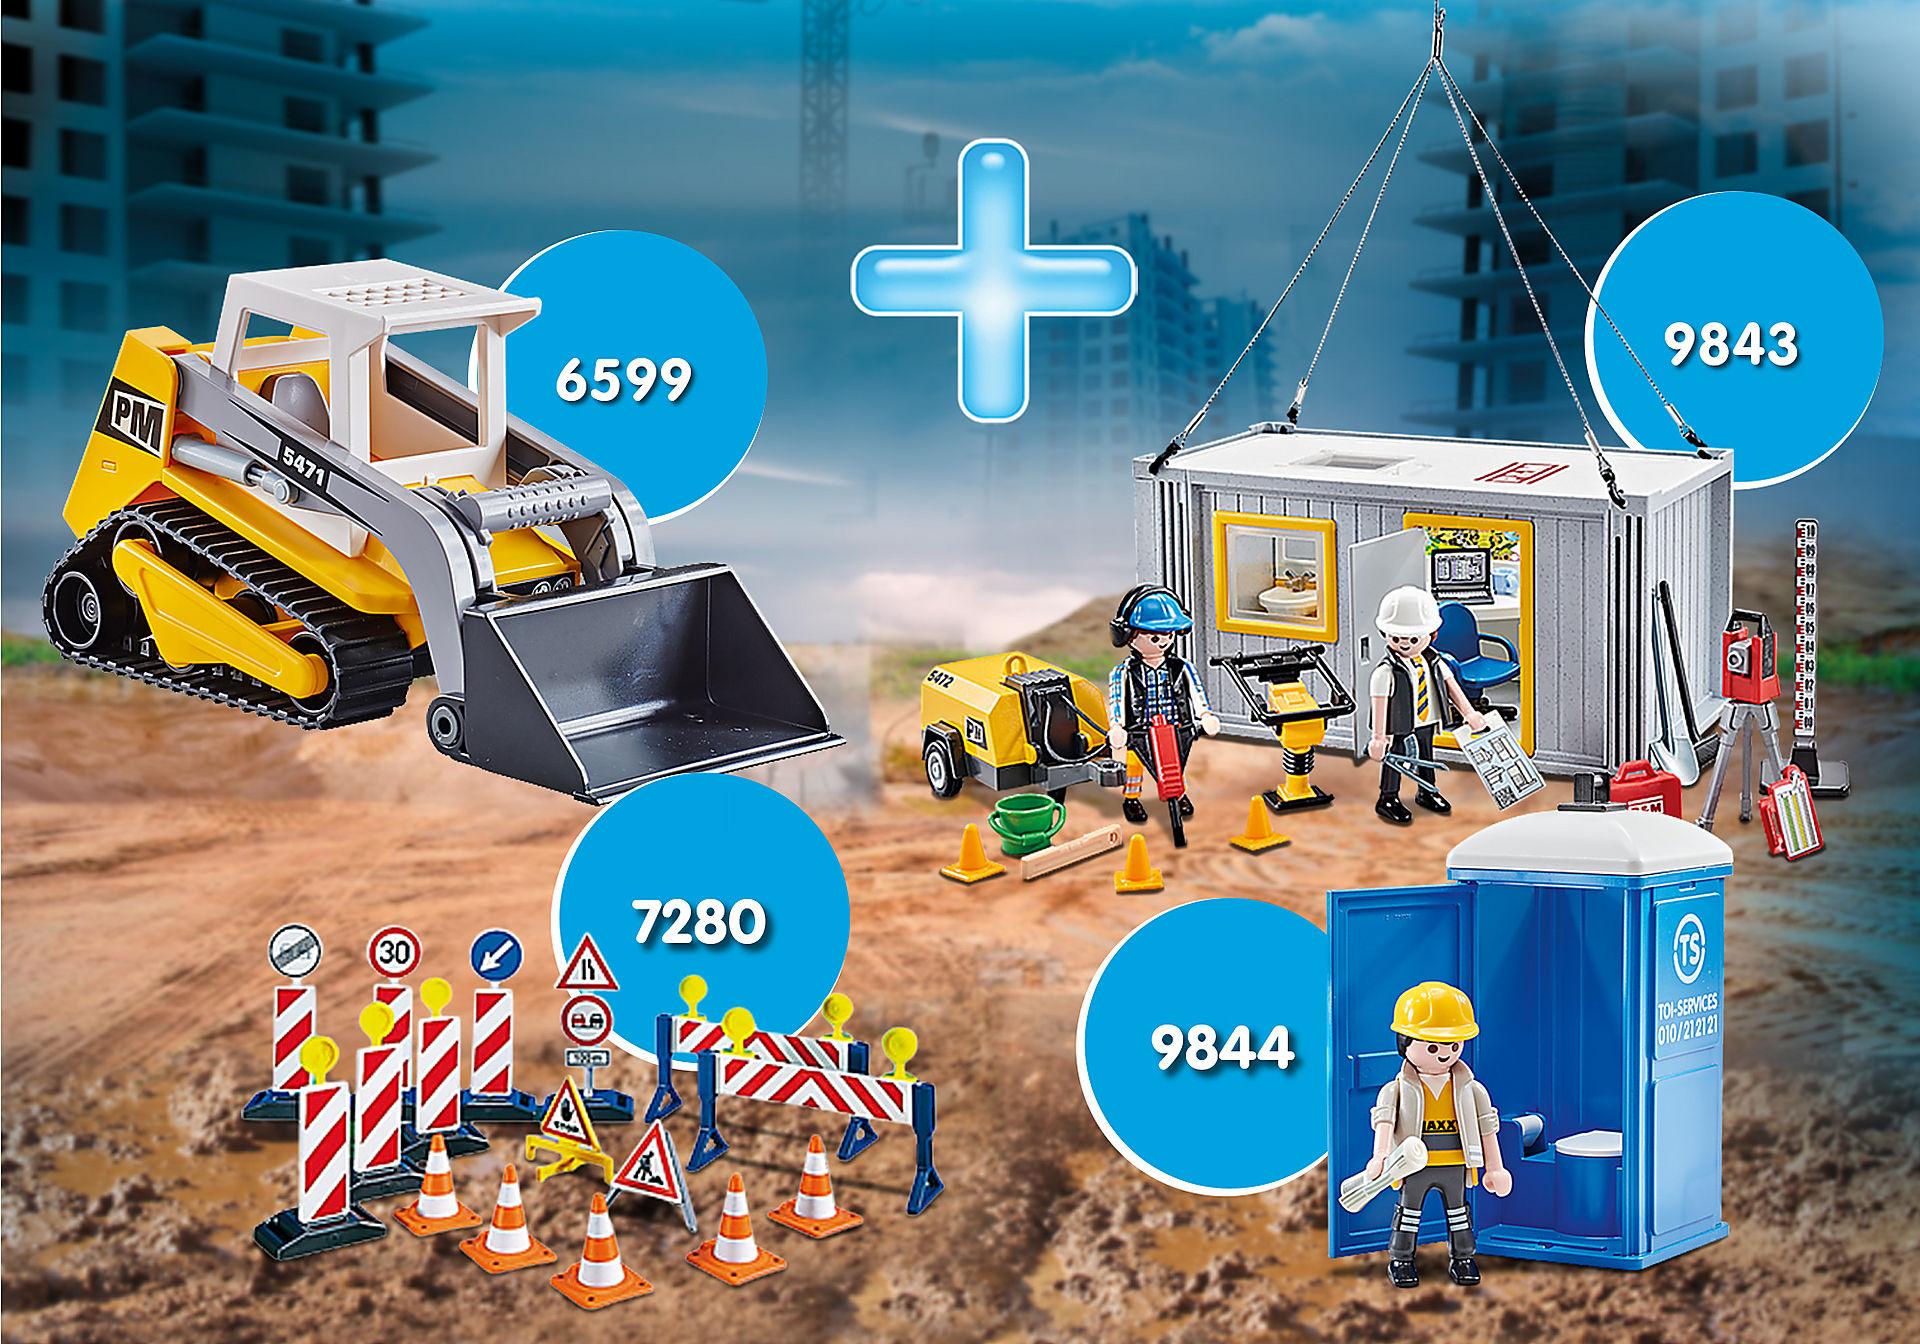 PM2005H Pack Promocional Construcción zoom image1